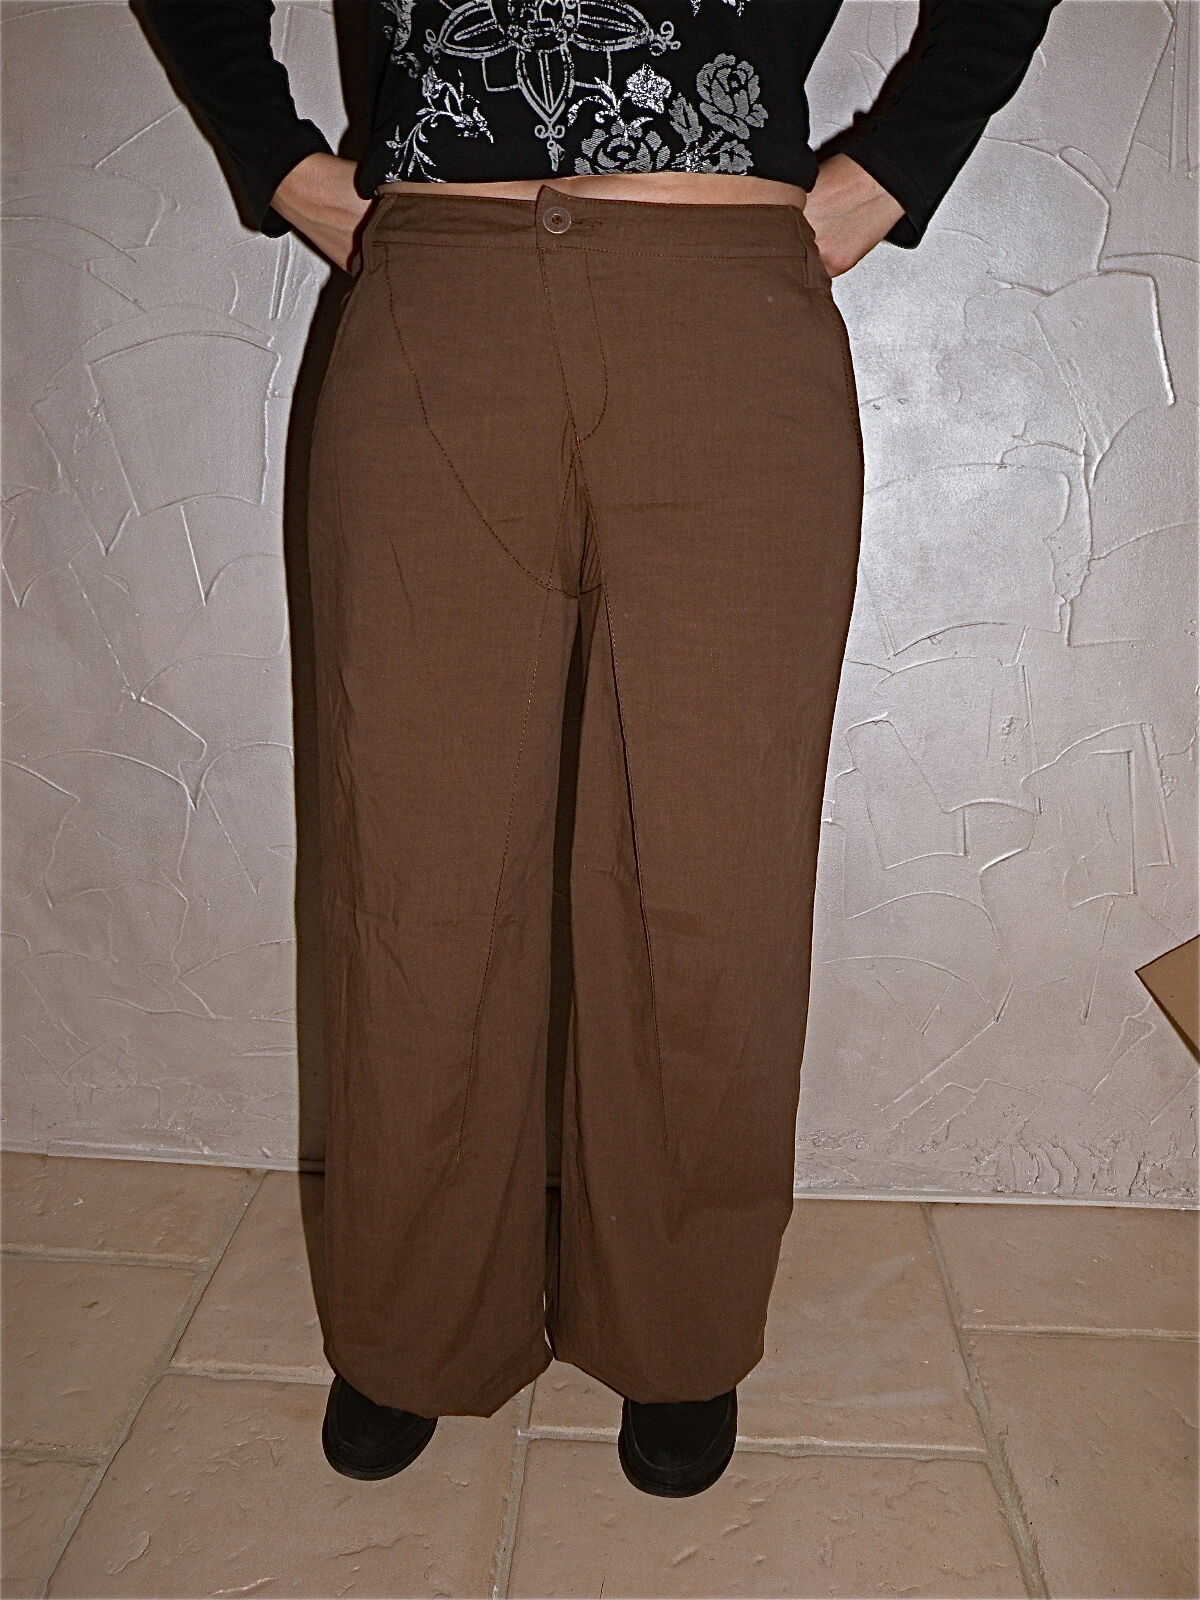 Joli pantalon large en lin camel très classe  MC PLANET size 42 NEUF ÉTIQUETTE